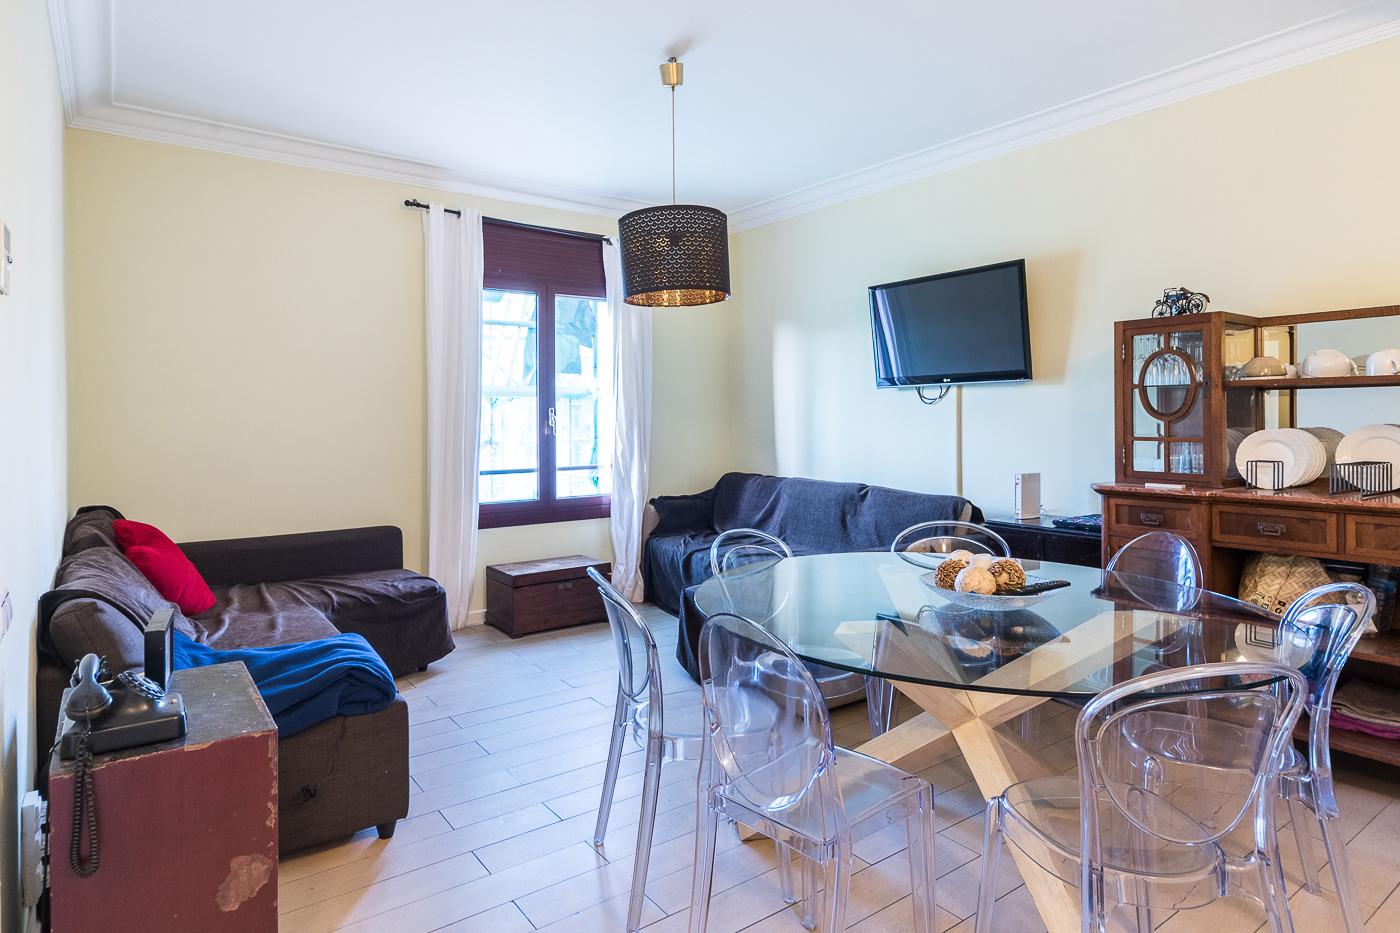 Квартира in Барселона - Эшампле. 3 bedrooms. For sale: 525.000 €.